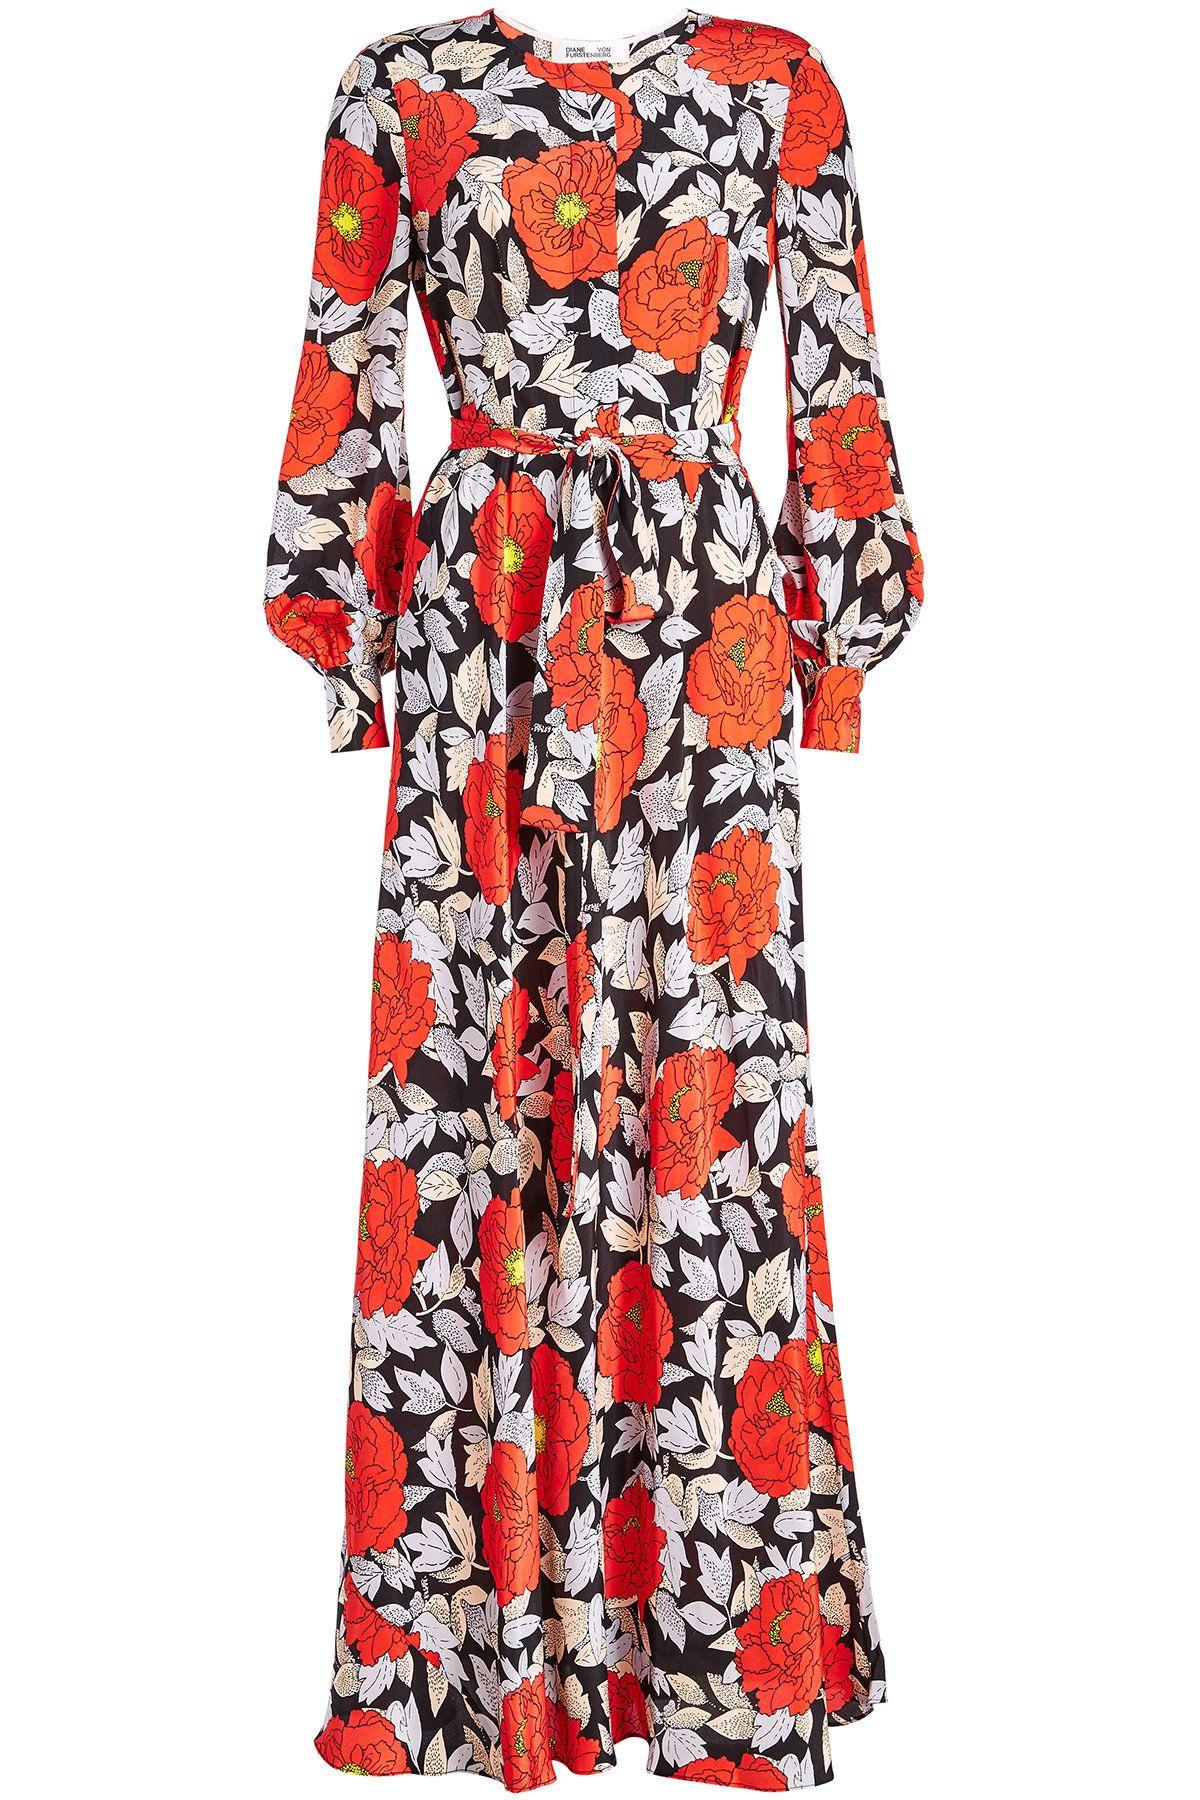 32b47f14e6c2 Diane von Furstenberg Waist Tie Printed Silk Maxi Dress   Dresses in ...